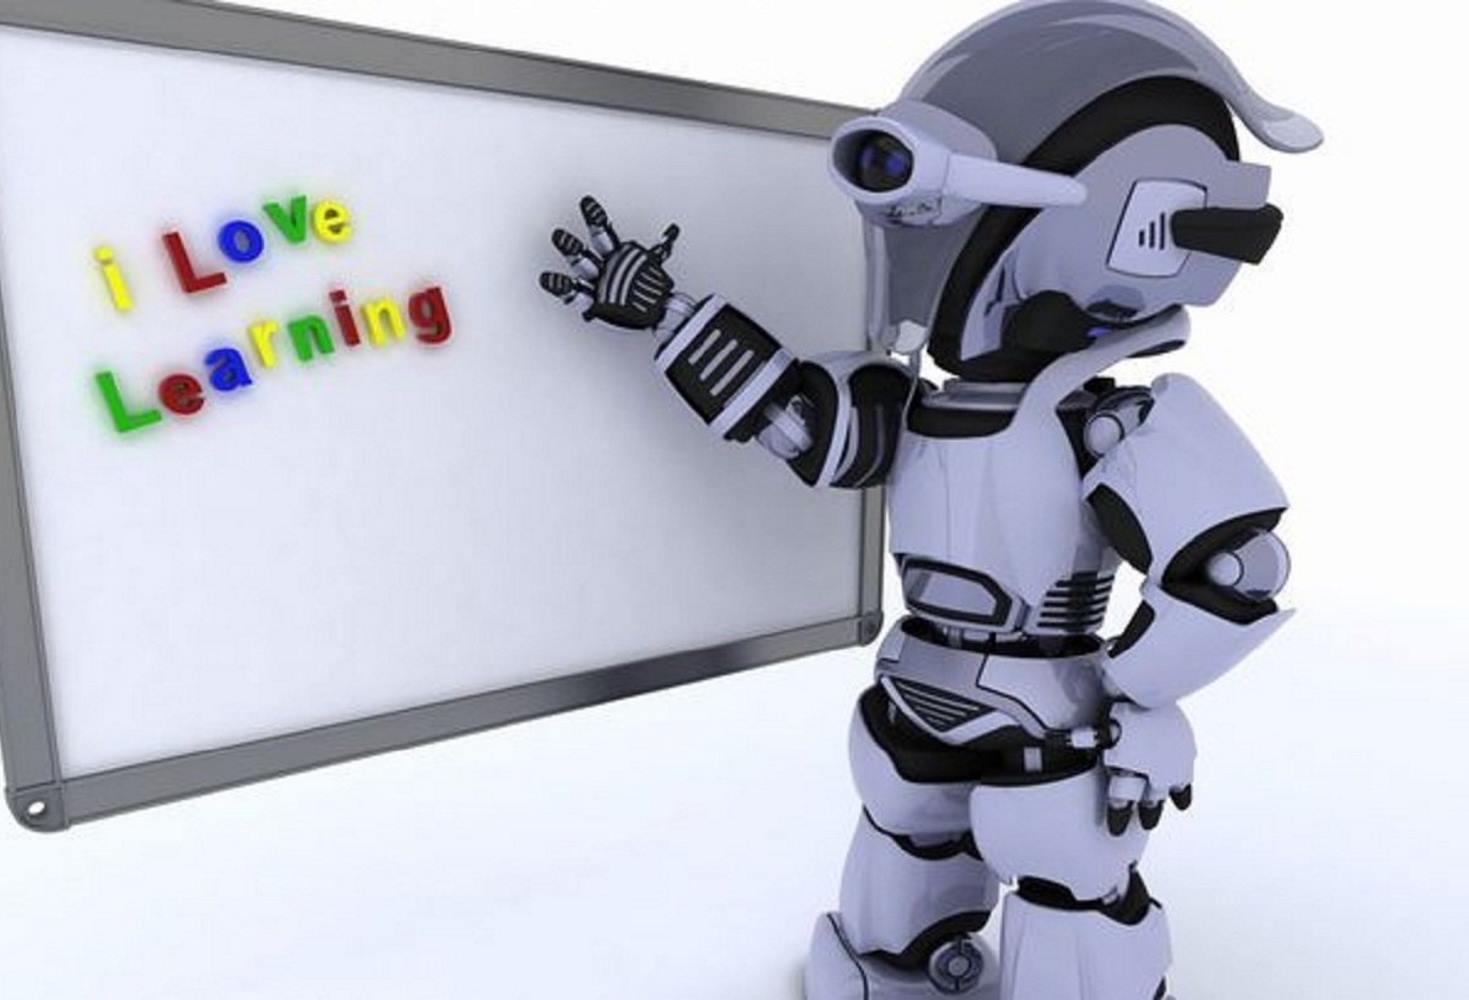 v-odnoj-iz-shkol-yugry-uroki-informatiki-vedet-robot-uchitel